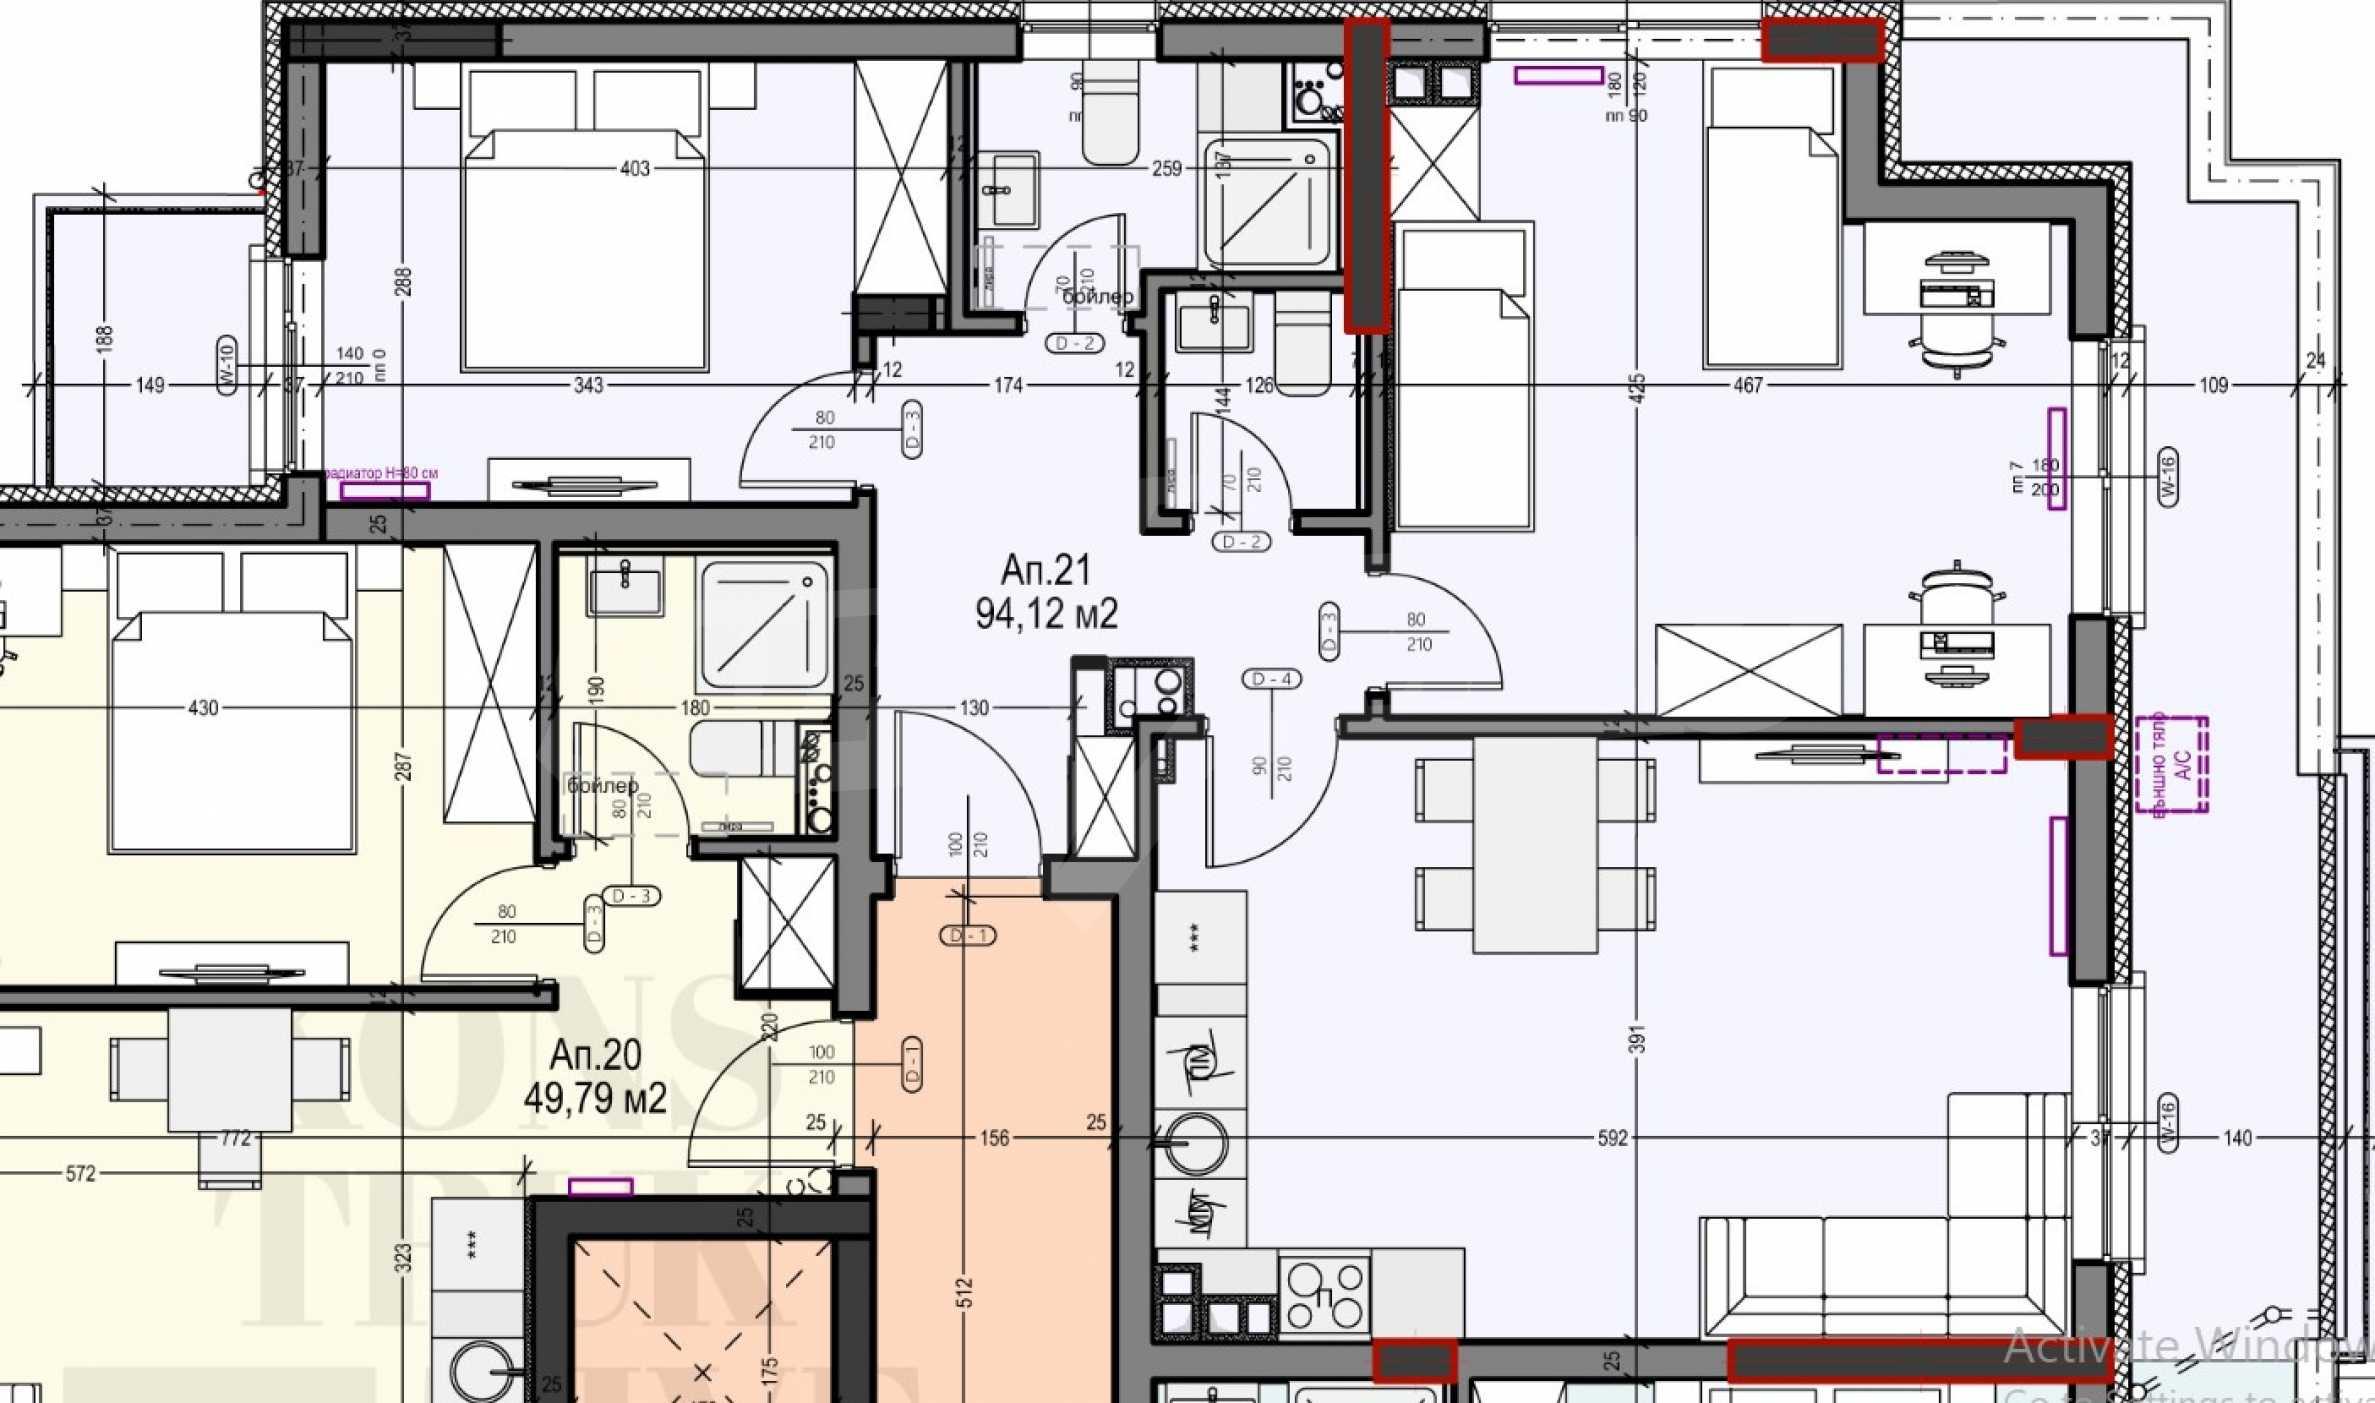 Apartment mit zwei Schlafzimmern in einem neuen Gebäude im Zentrum von Sofia in der Nähe einer U-Bahnstation 2